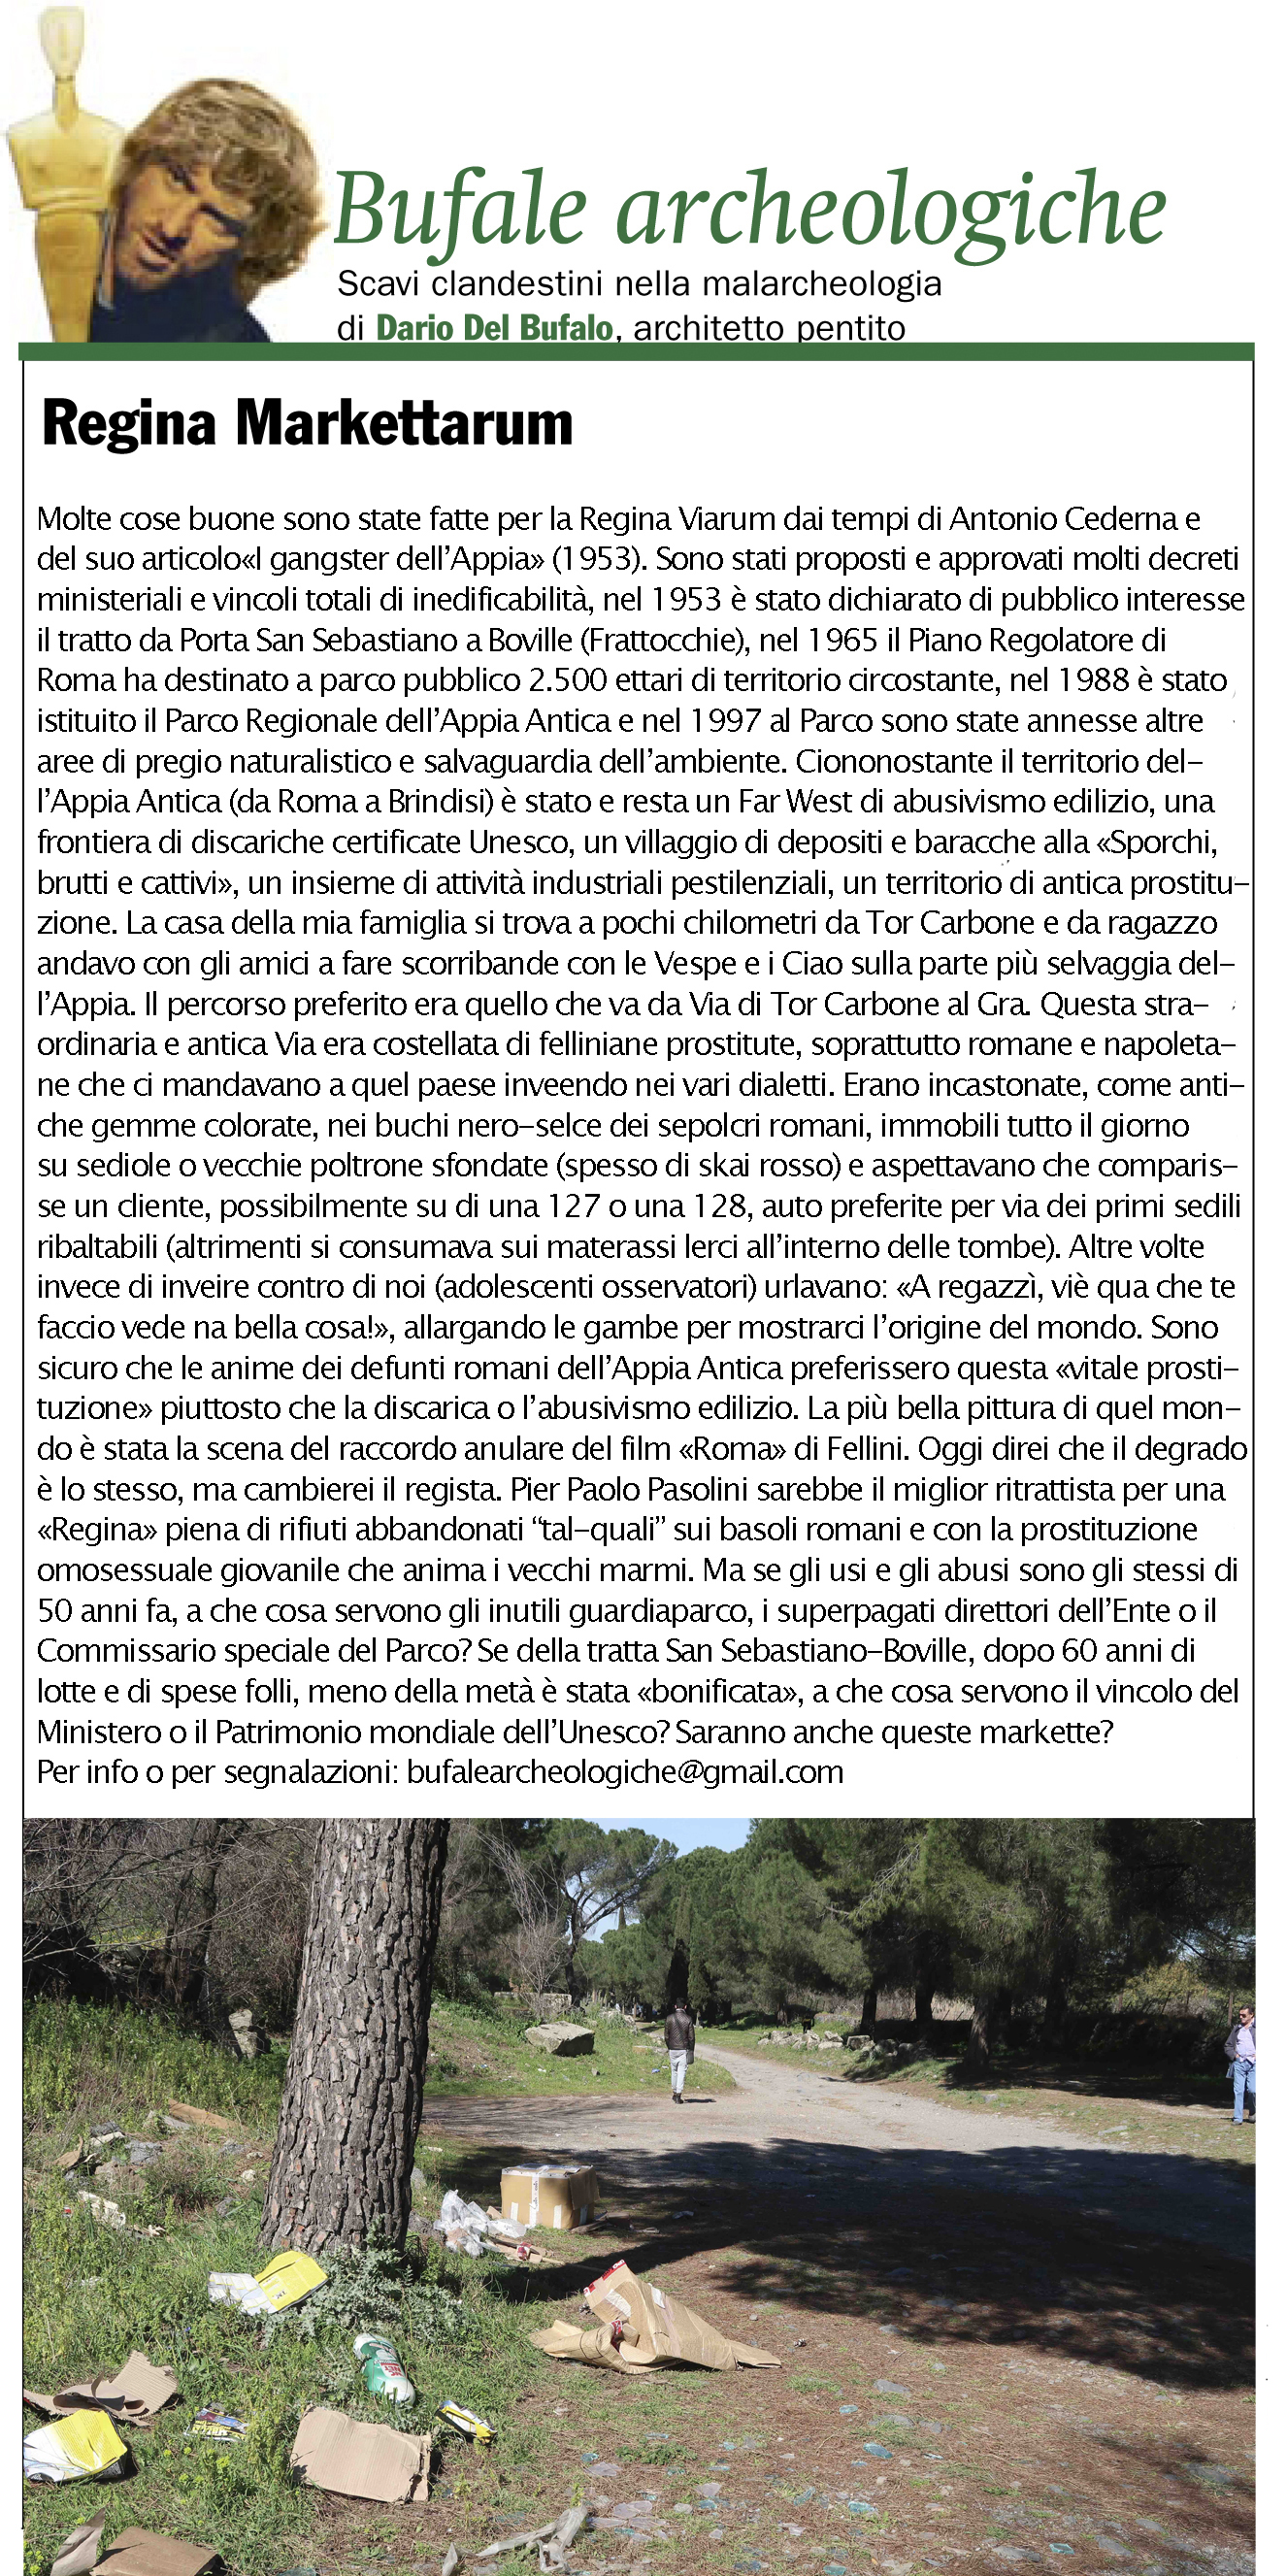 Bufale Archeologiche Aprile 2017 Giornale dell'Arte Dario Del Bufalo